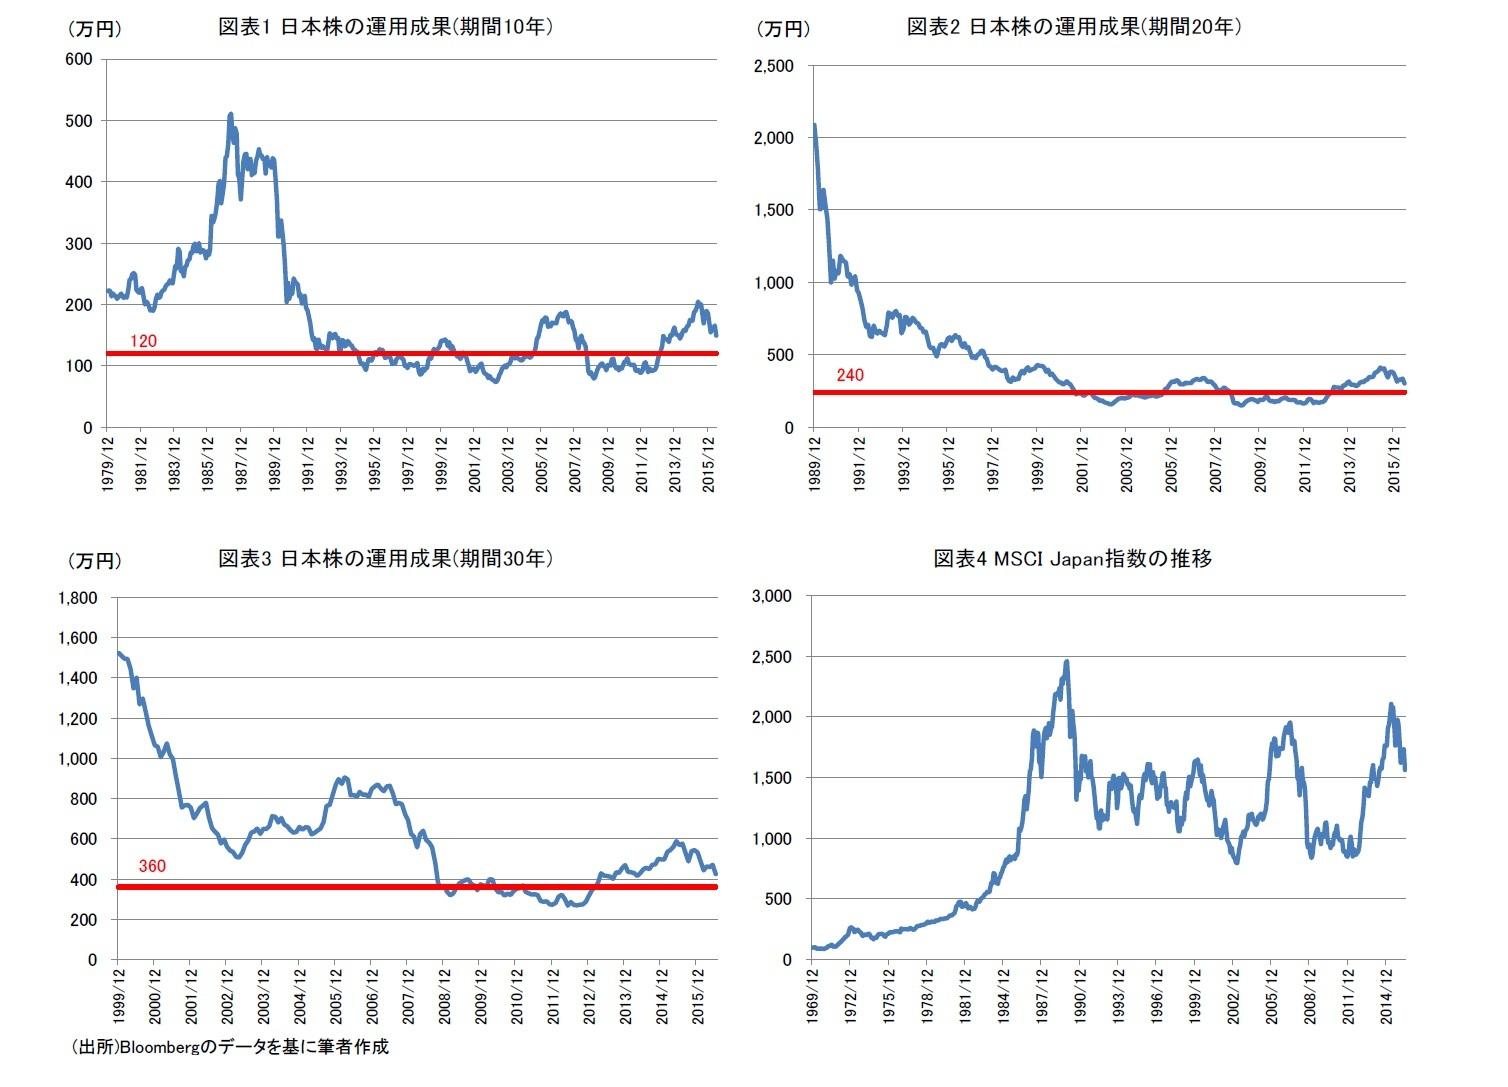 図表1 日本株の運用成果(期間10年)/図表2 日本株の運用成果(期間20年)/図表3 日本株の運用成果(期間30年)/図表4 MSCI Japan指数の推移